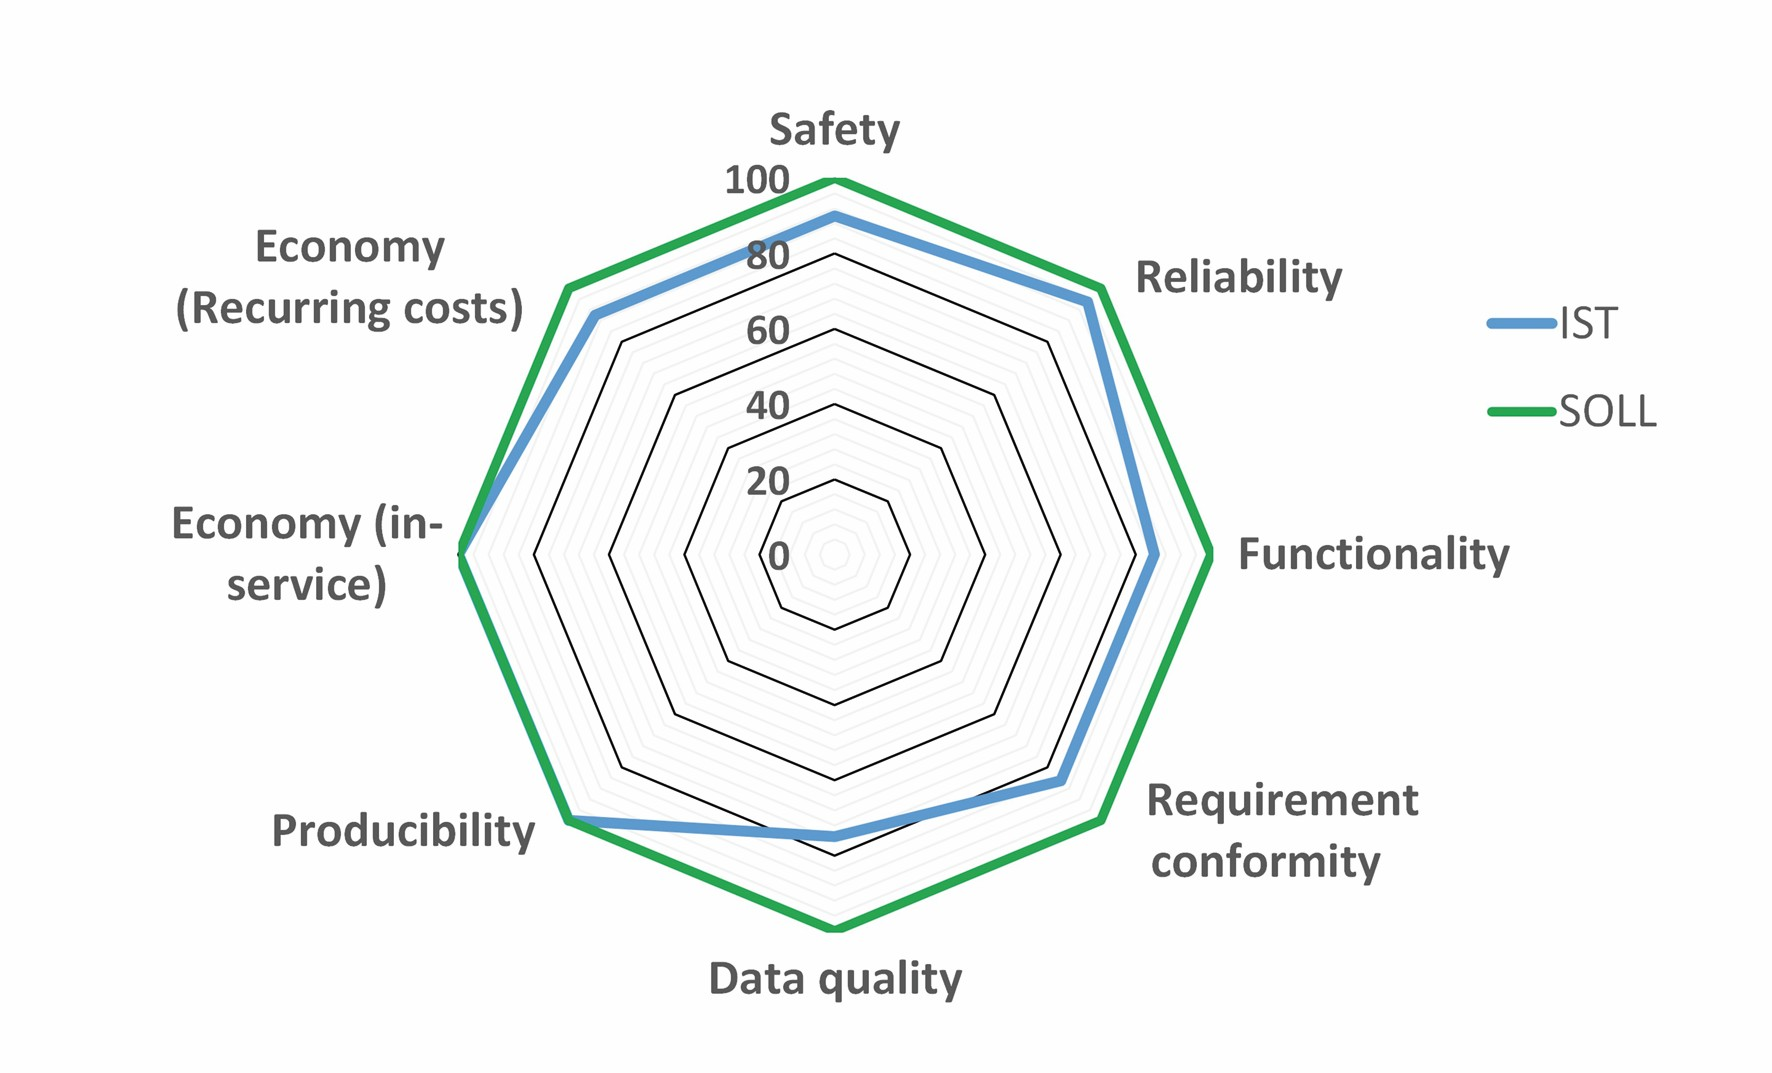 Bild 3 Exemplarische Darstellung des Soll-Ist Vergleichs auf QCMI-Ebene für eine Datenerhebung. Bild: Verfasser